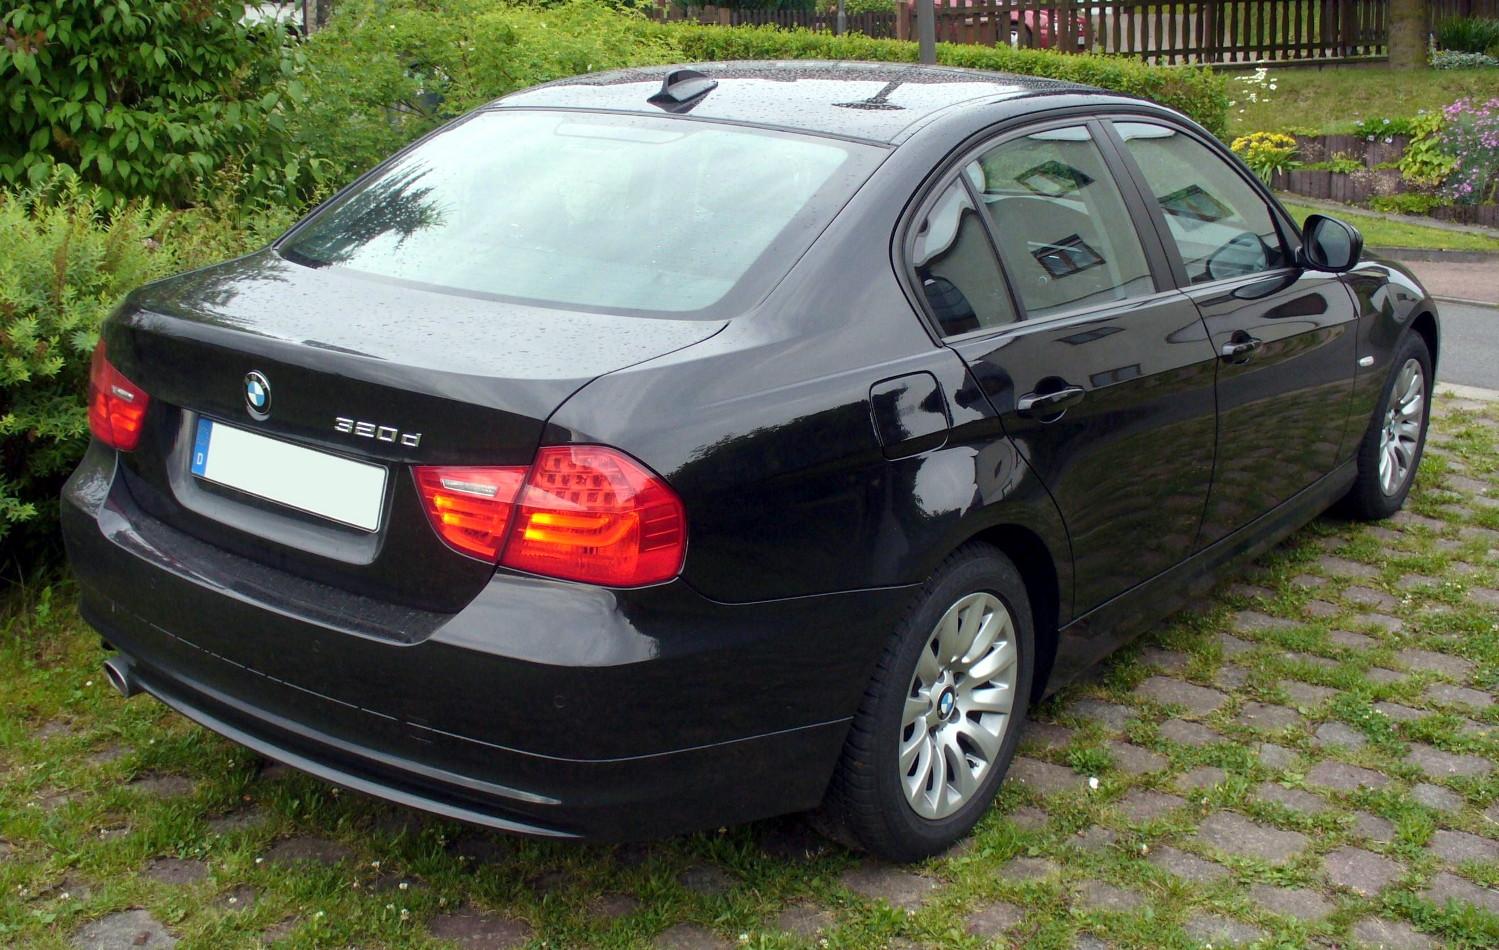 Bmw E90 Wiki >> File:BMW 320d Facelift Heck.JPG